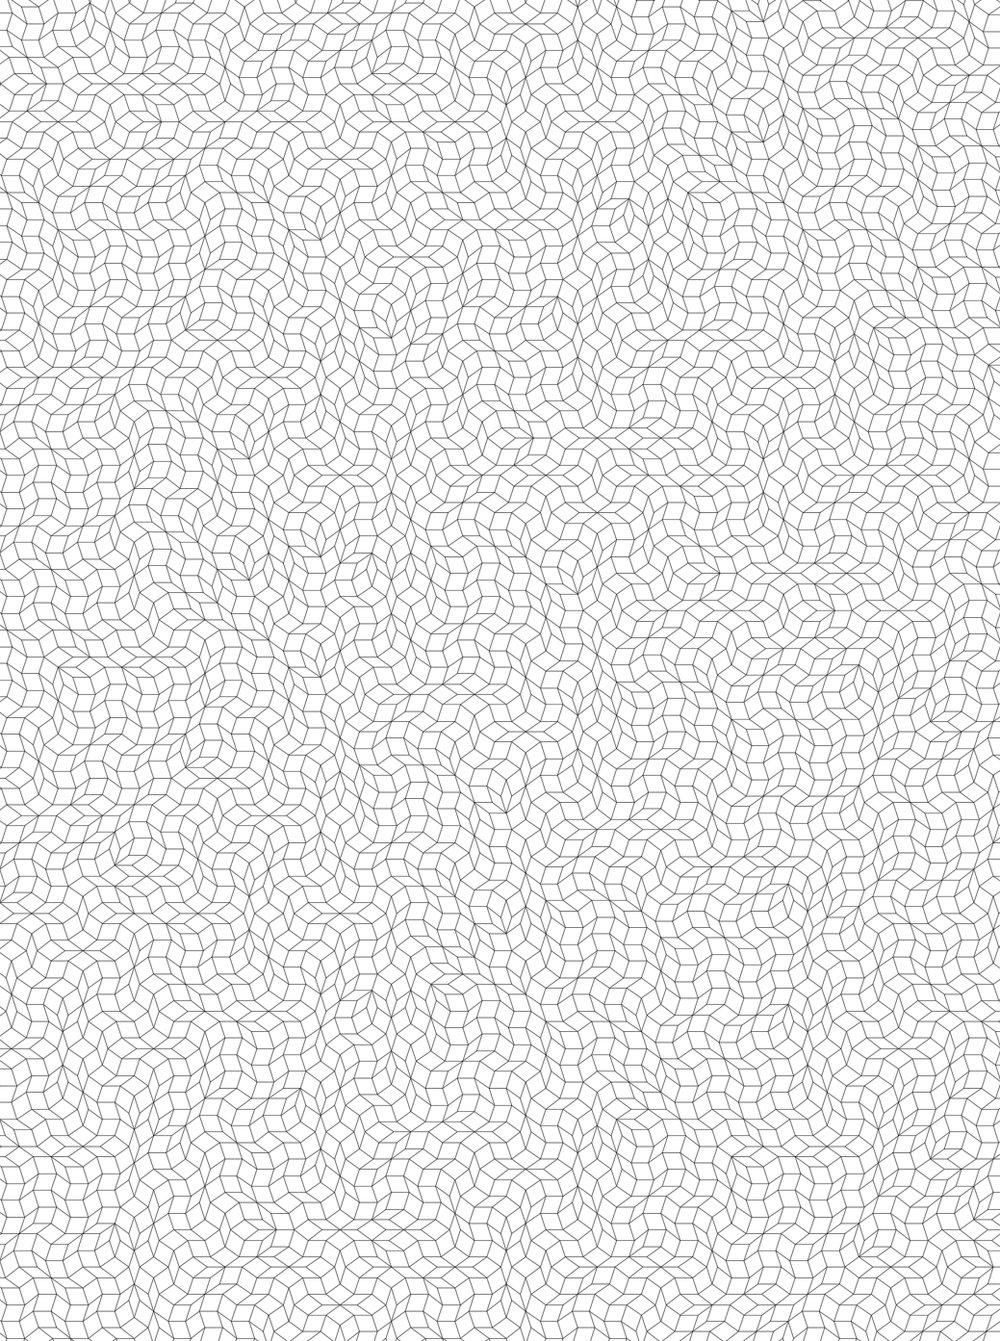 gi-npt-001.jpg